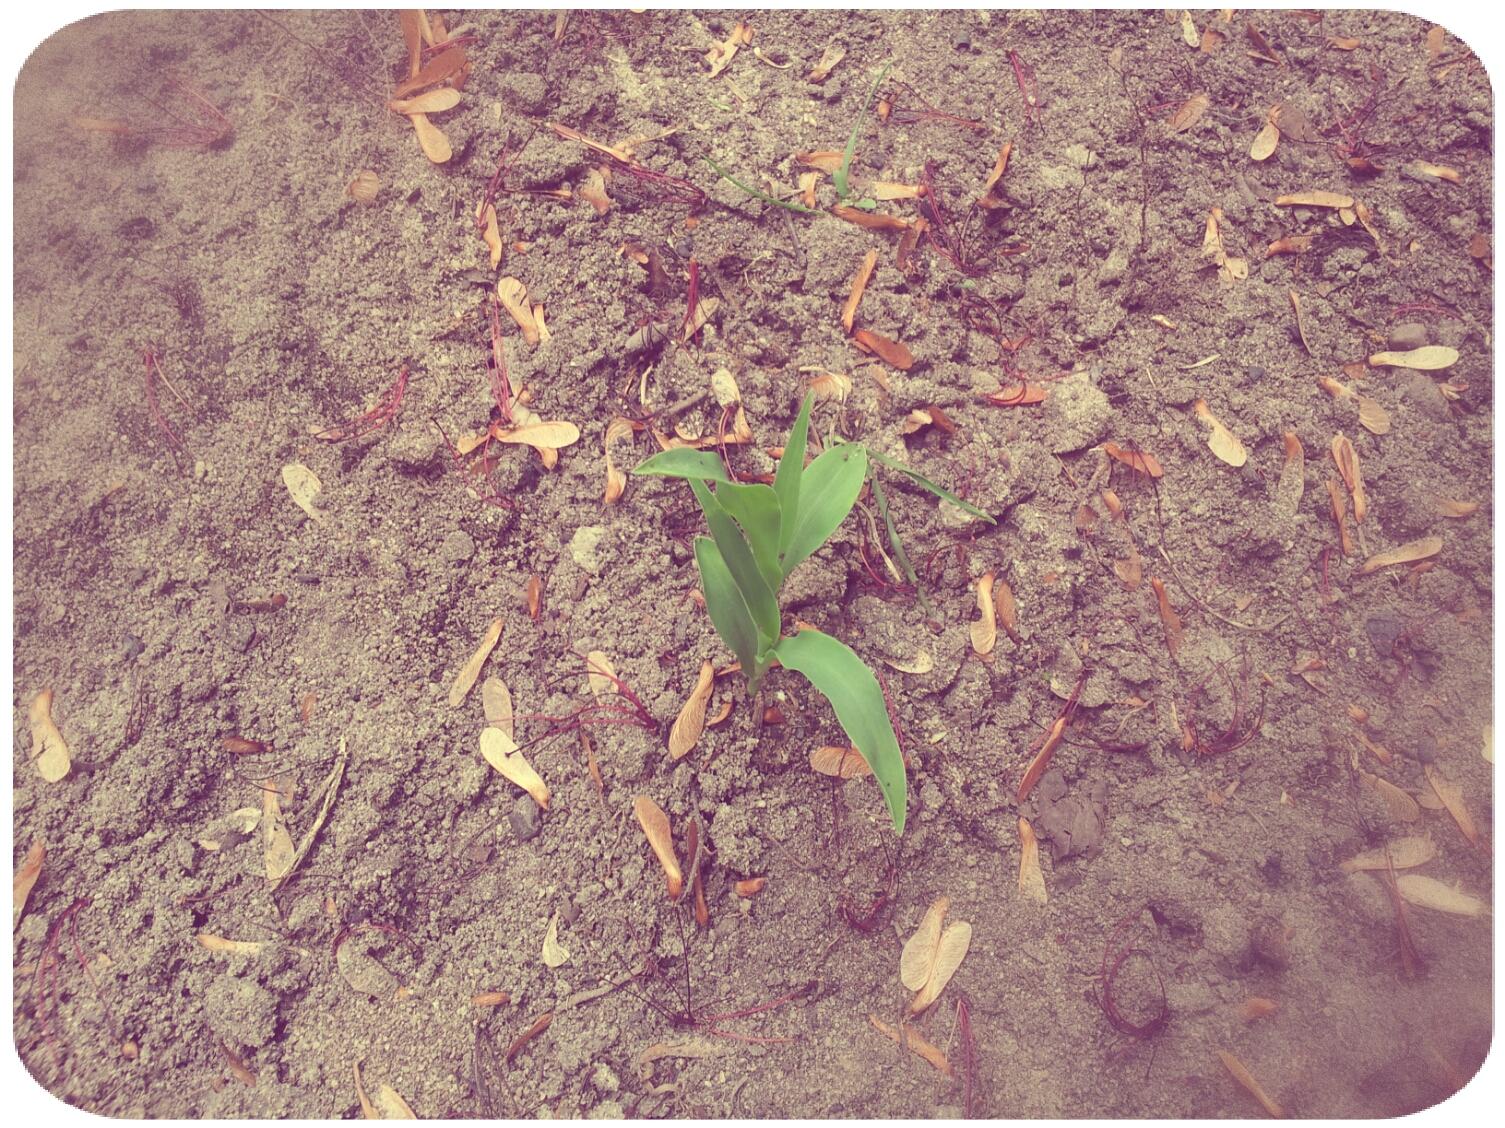 2012-03-30 13.57.13_Melissa_Round.jpg